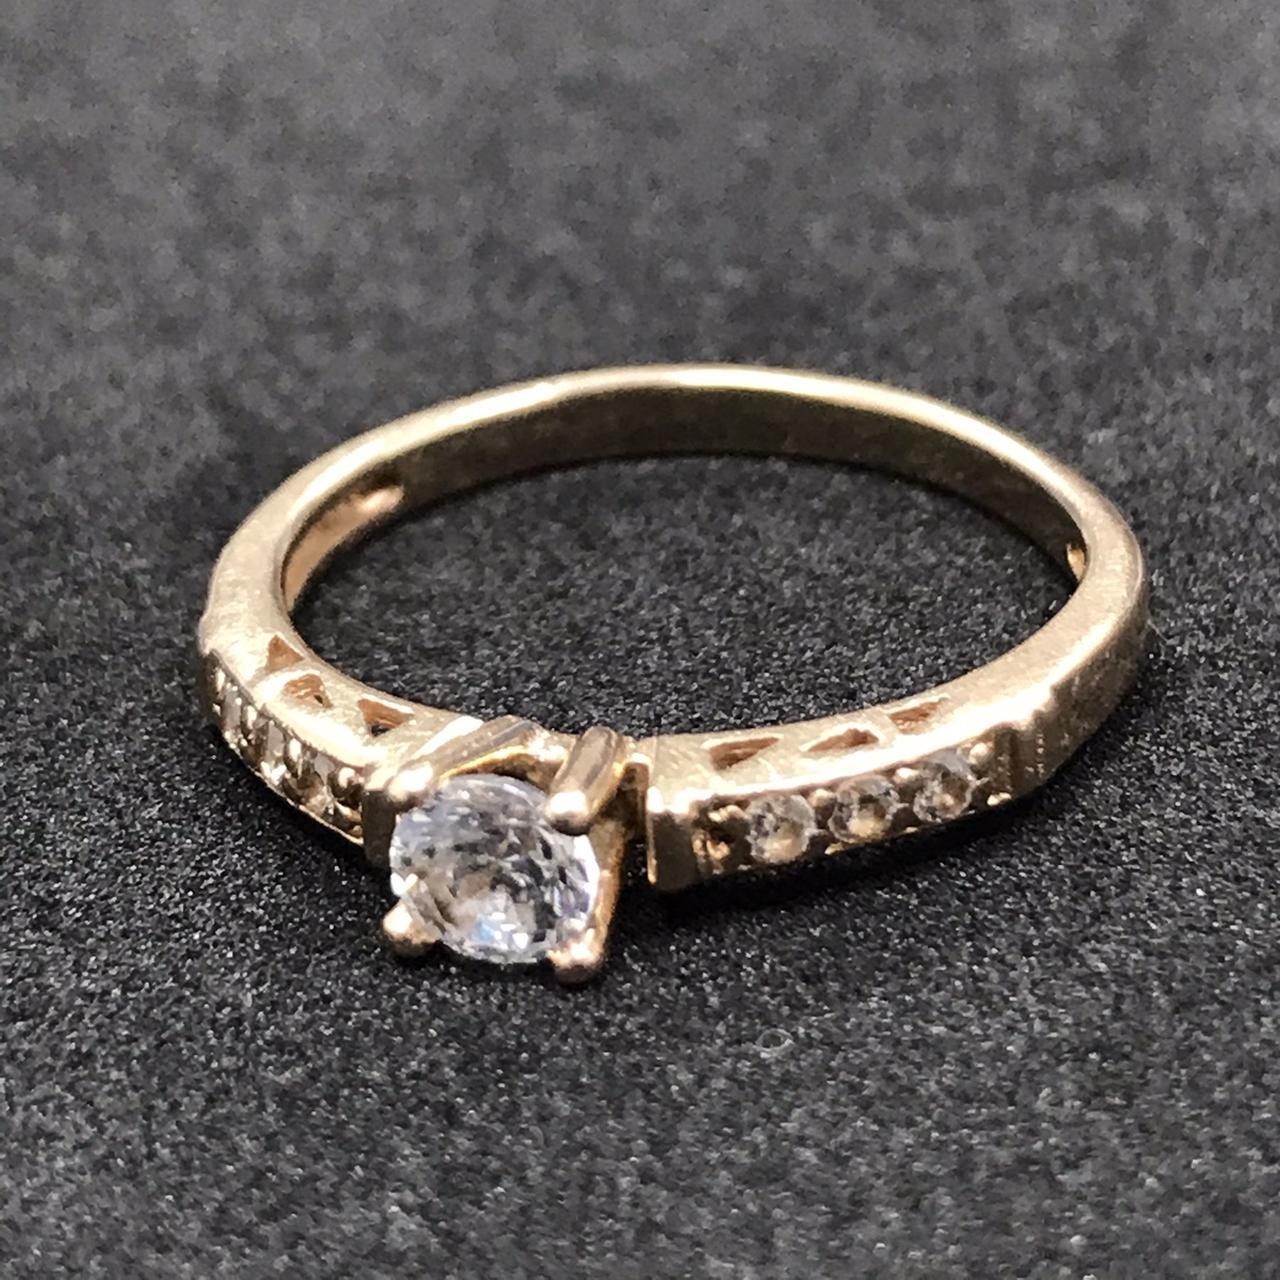 Золотое кольцо с фианитами 585 пробы, вес 2.04 г. Б/у. Продажа из ломбарда